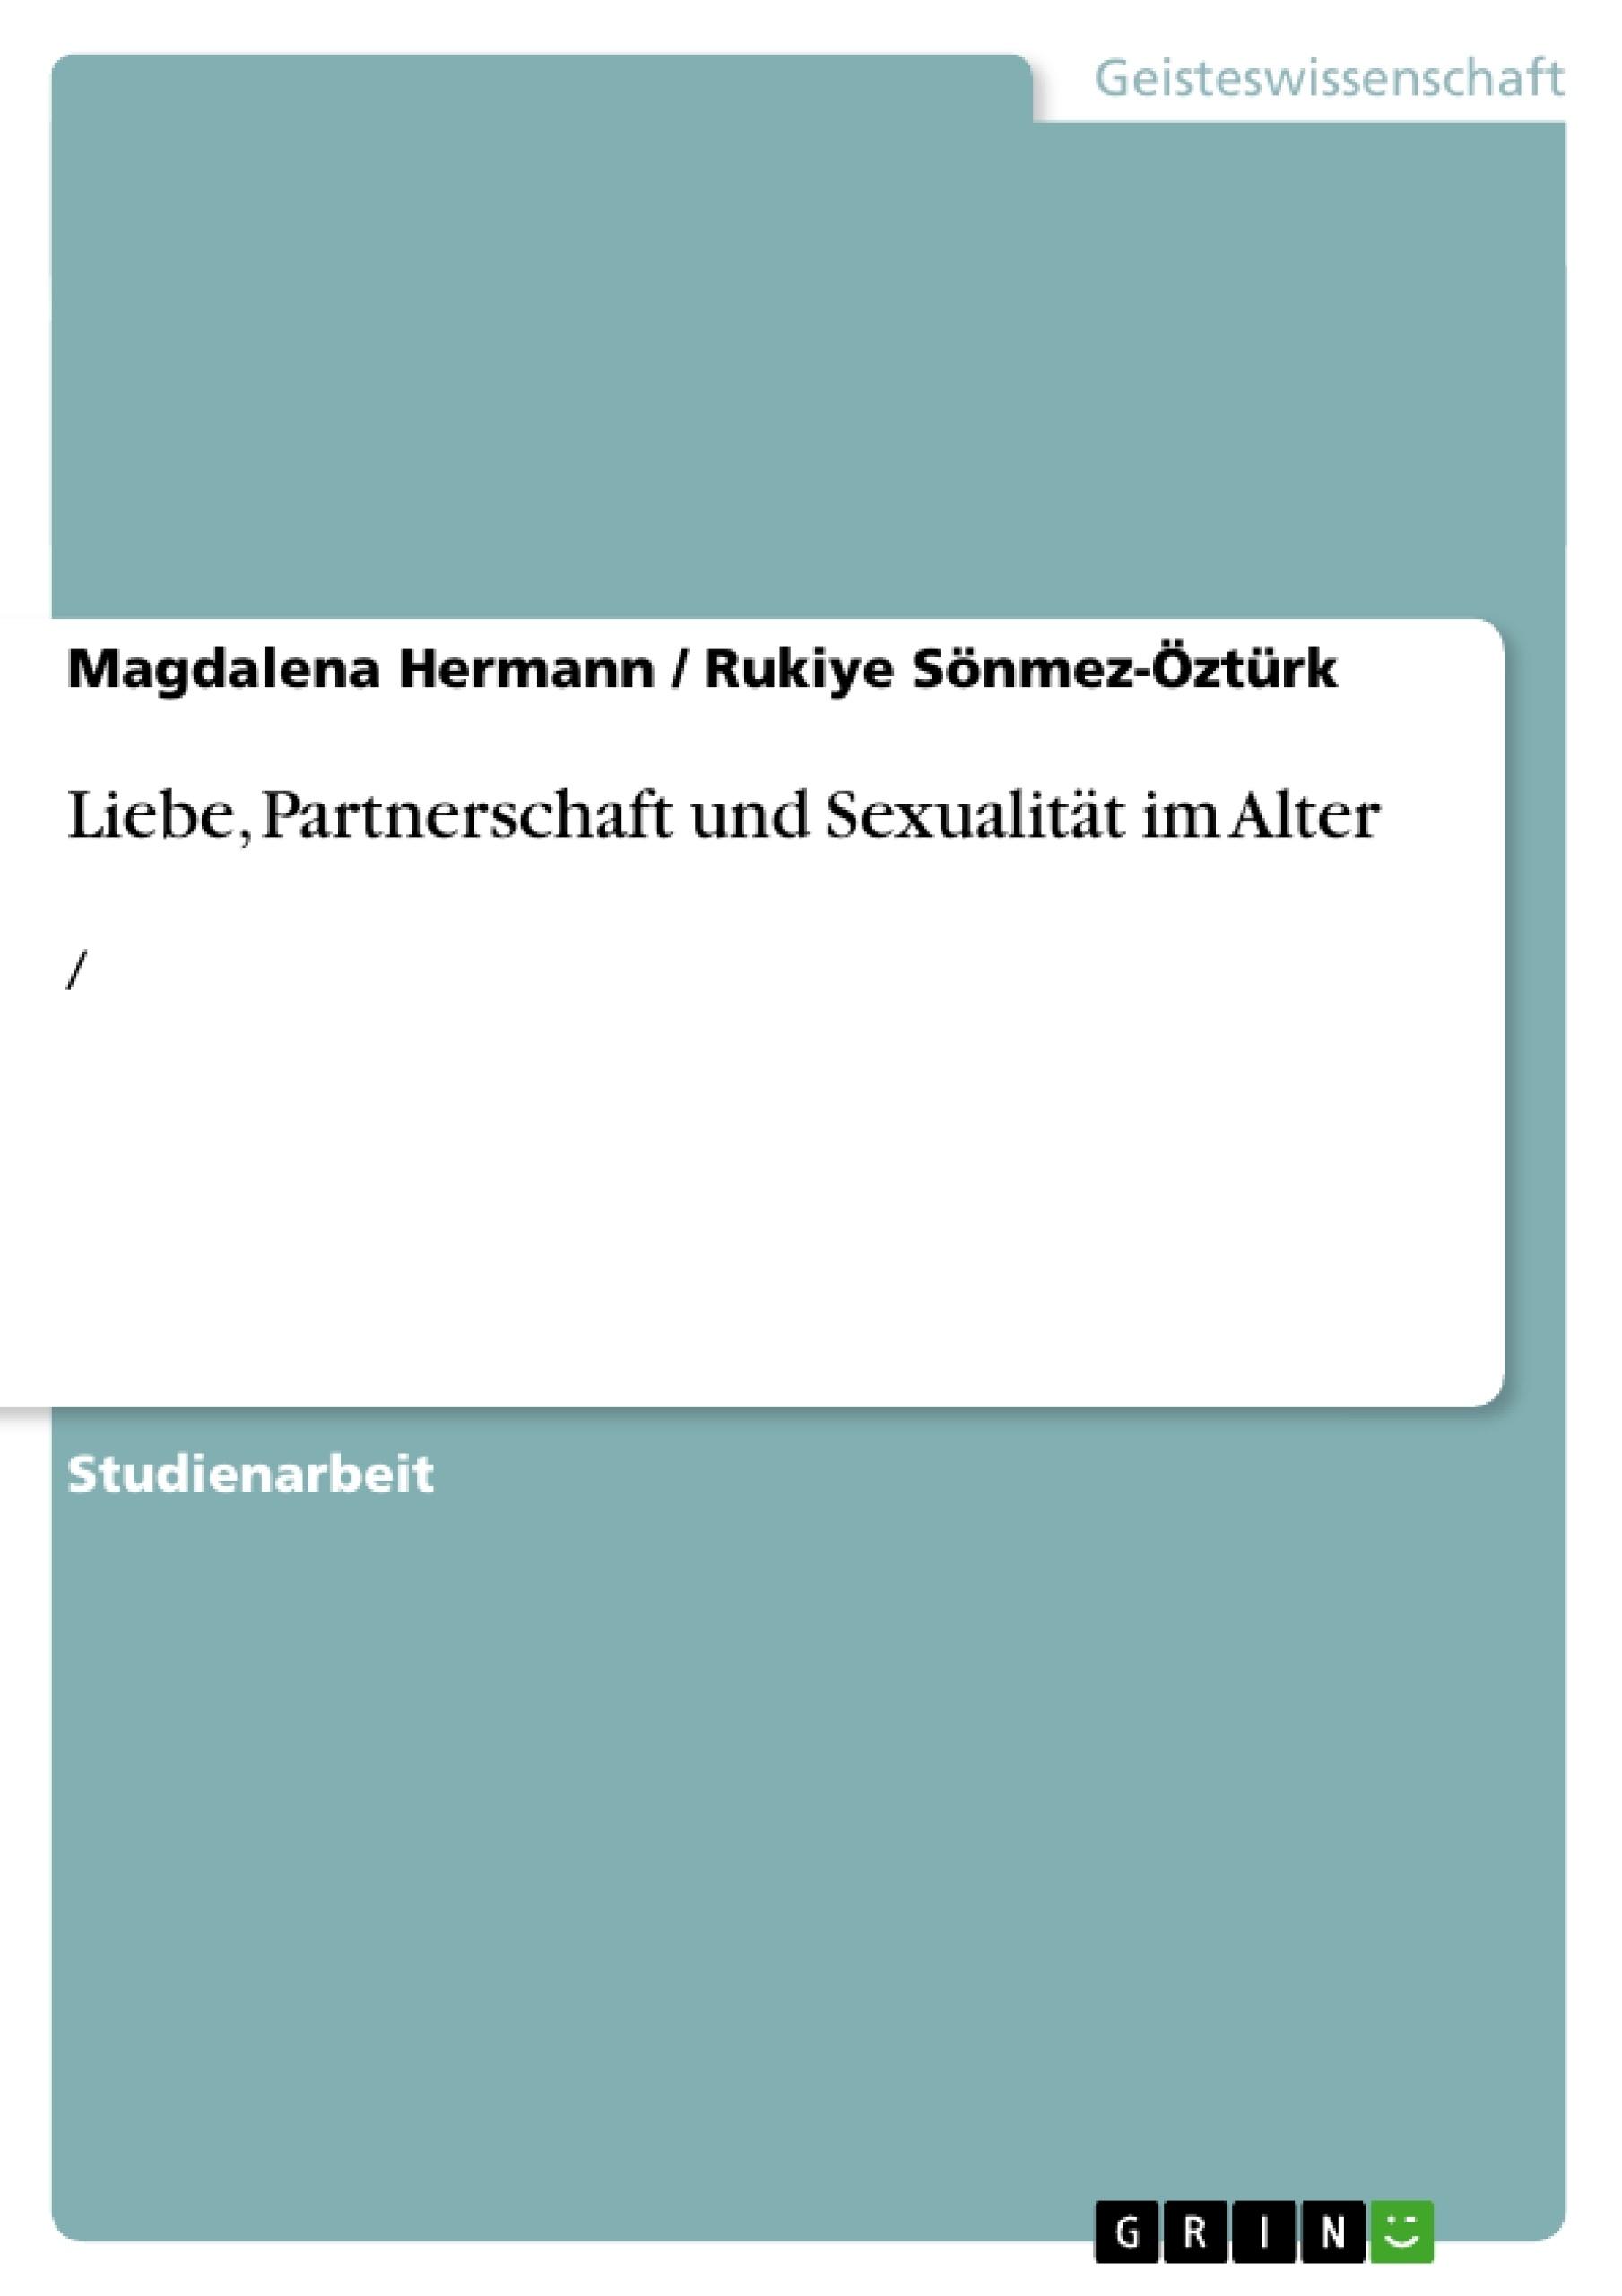 Titel: Liebe, Partnerschaft und Sexualität im Alter